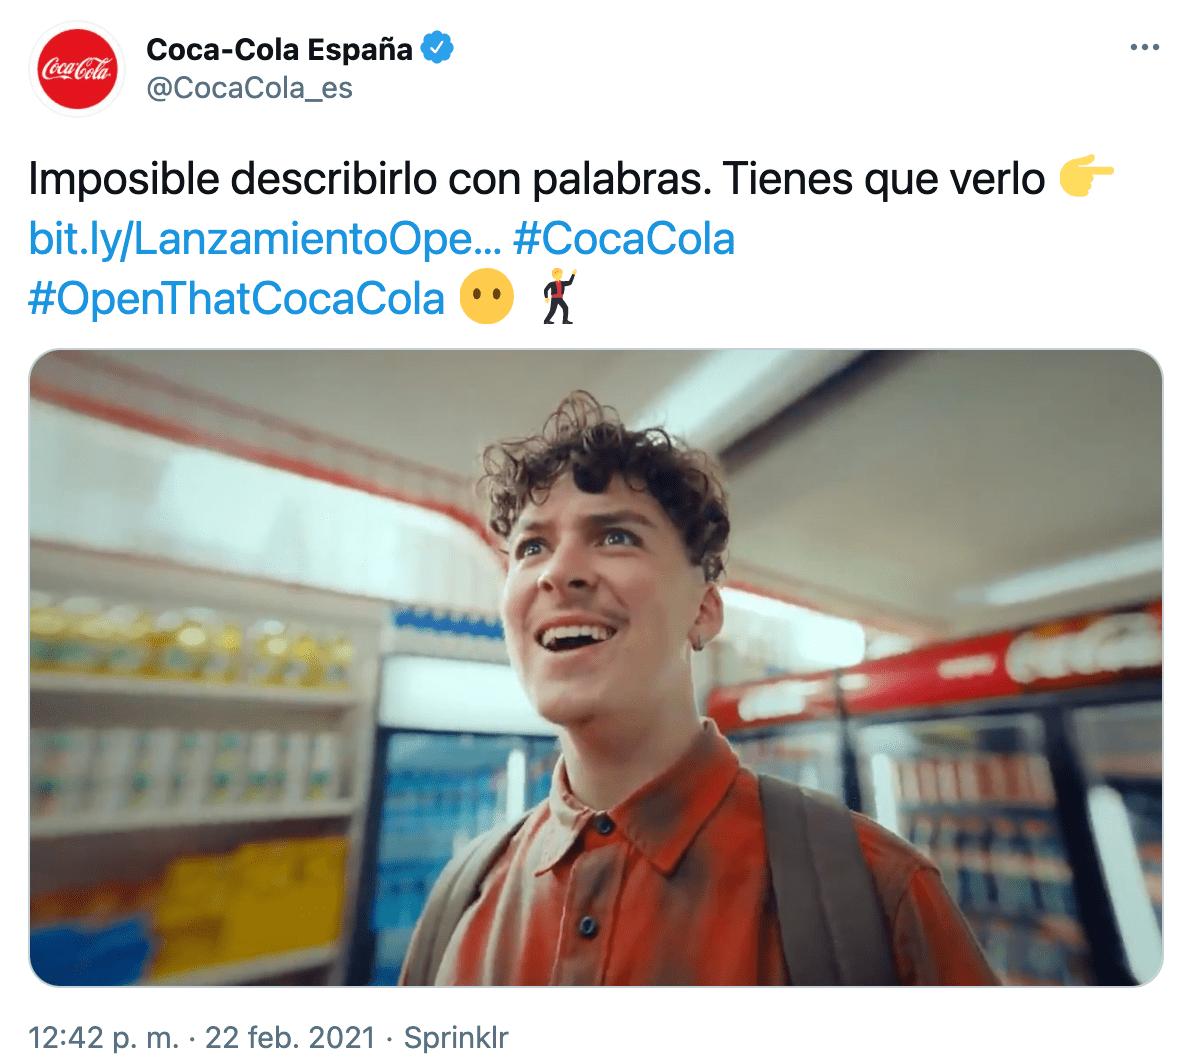 estrategia marketing twitter cocacola lanzamiento producto